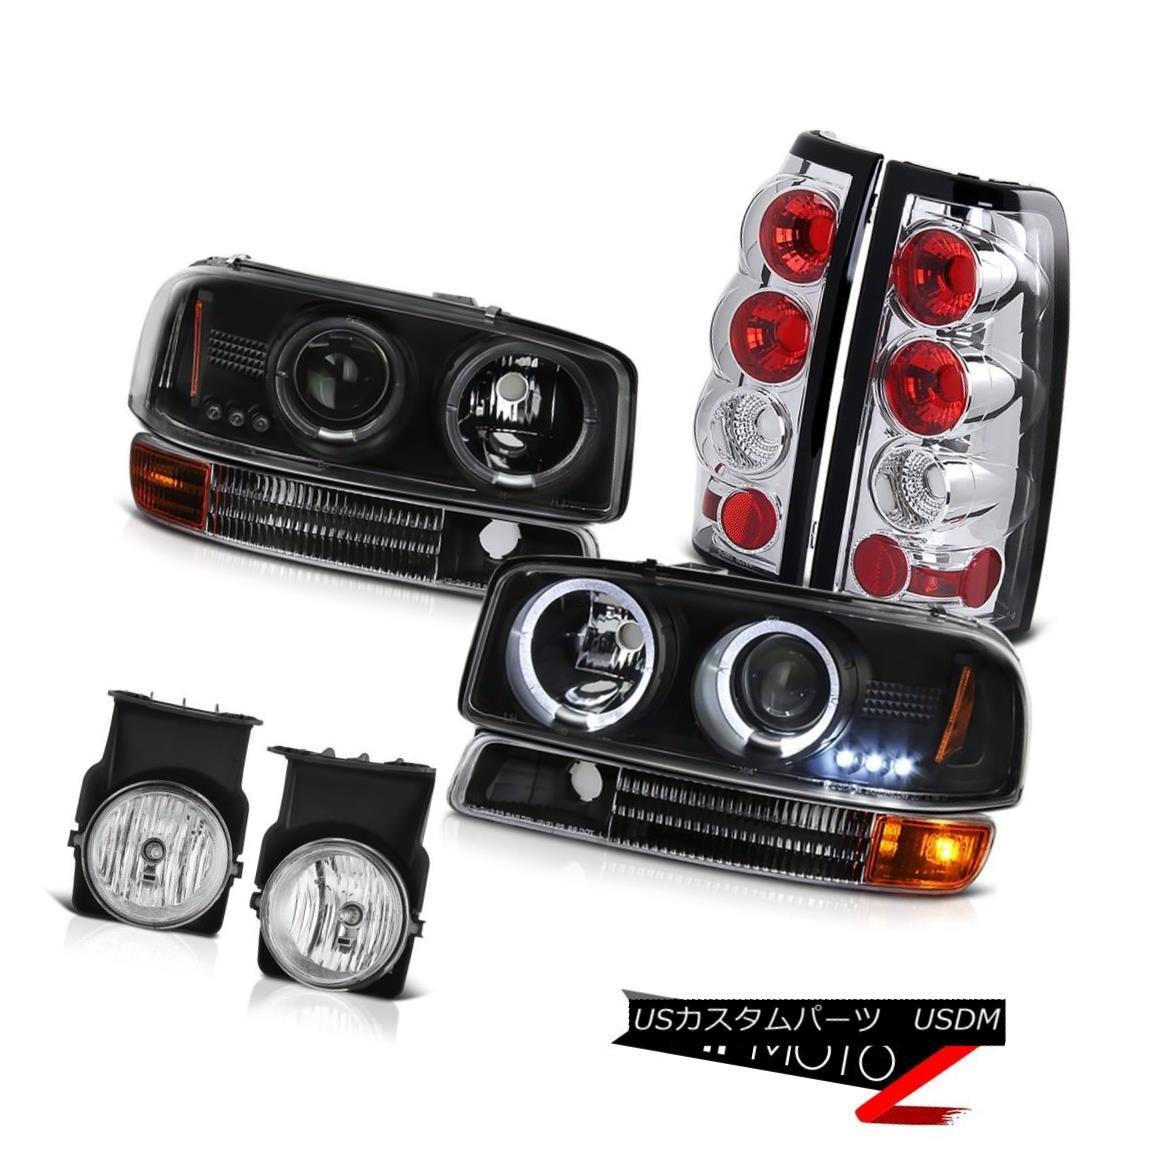 ヘッドライト Halo LED Projector Headlight Signal Parking Tail Light Bumper Fog 03 Sierra 5.3L Halo LEDプロジェクターヘッドライト信号パーキングテールライトバンパーフォグ03 Sierra 5.3L